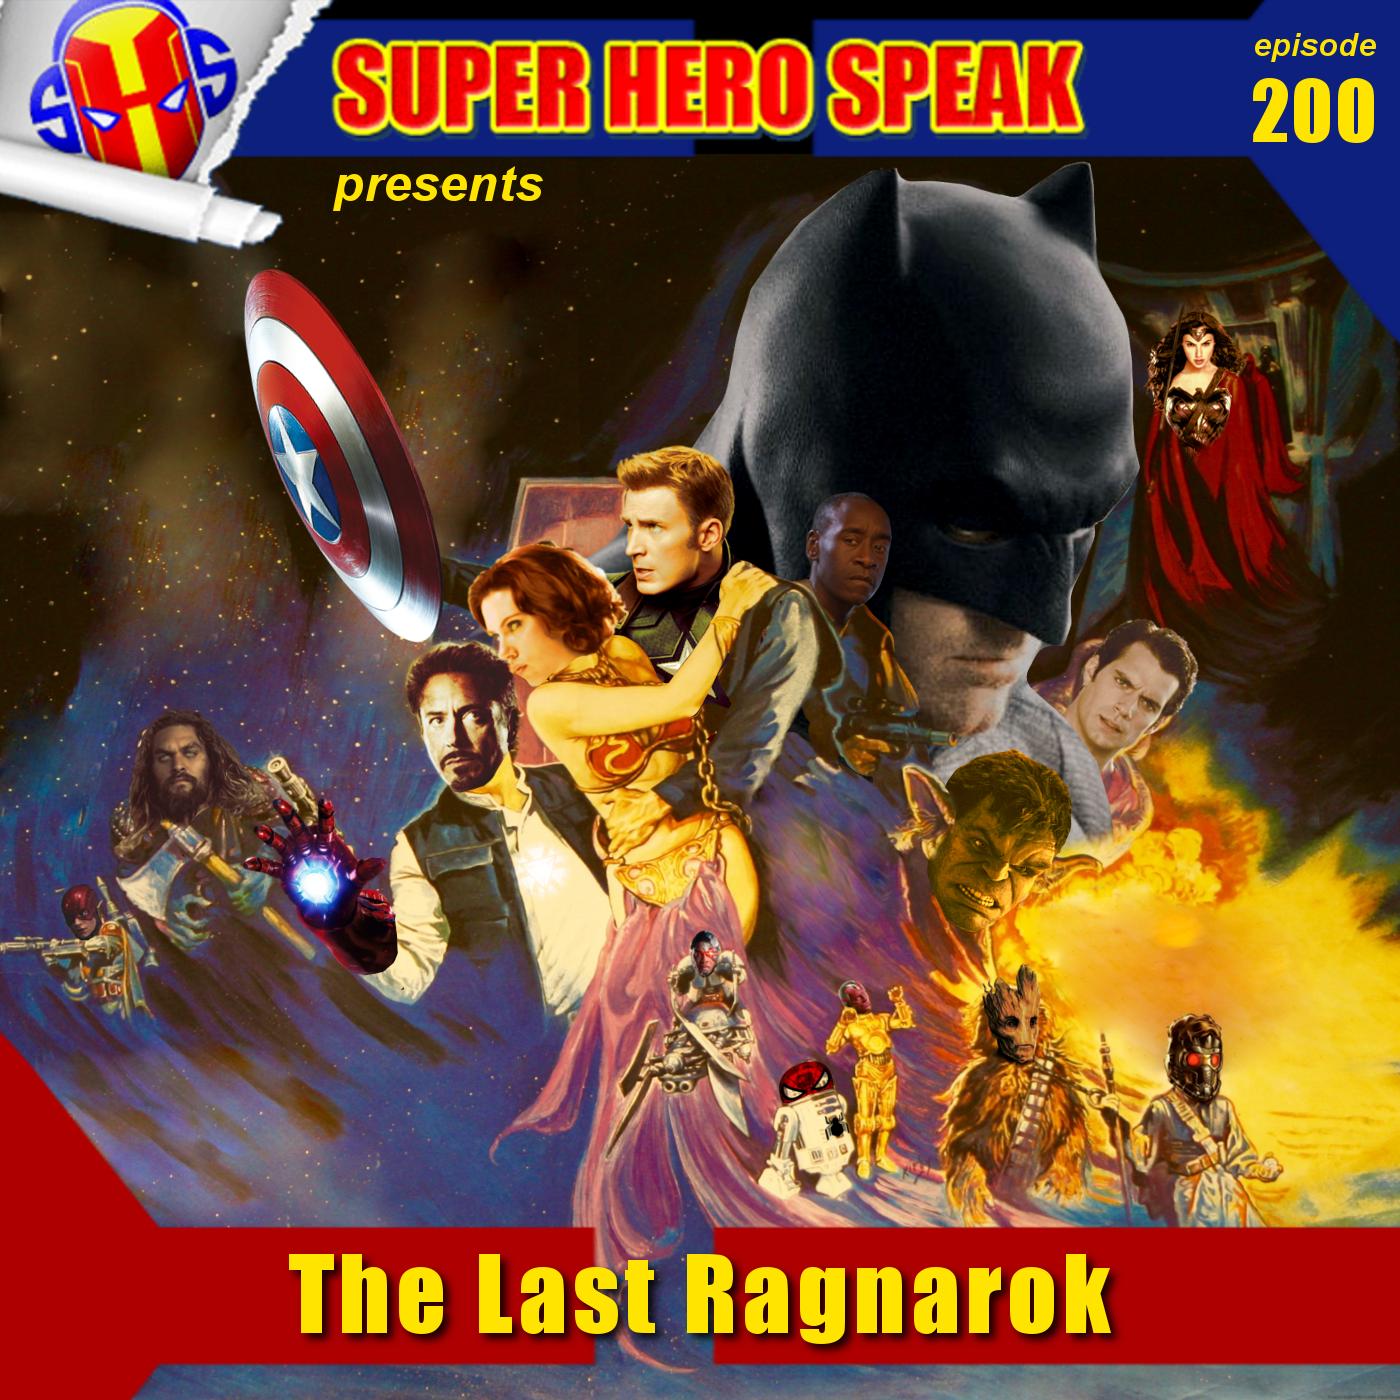 #200: The Last Ragnarok